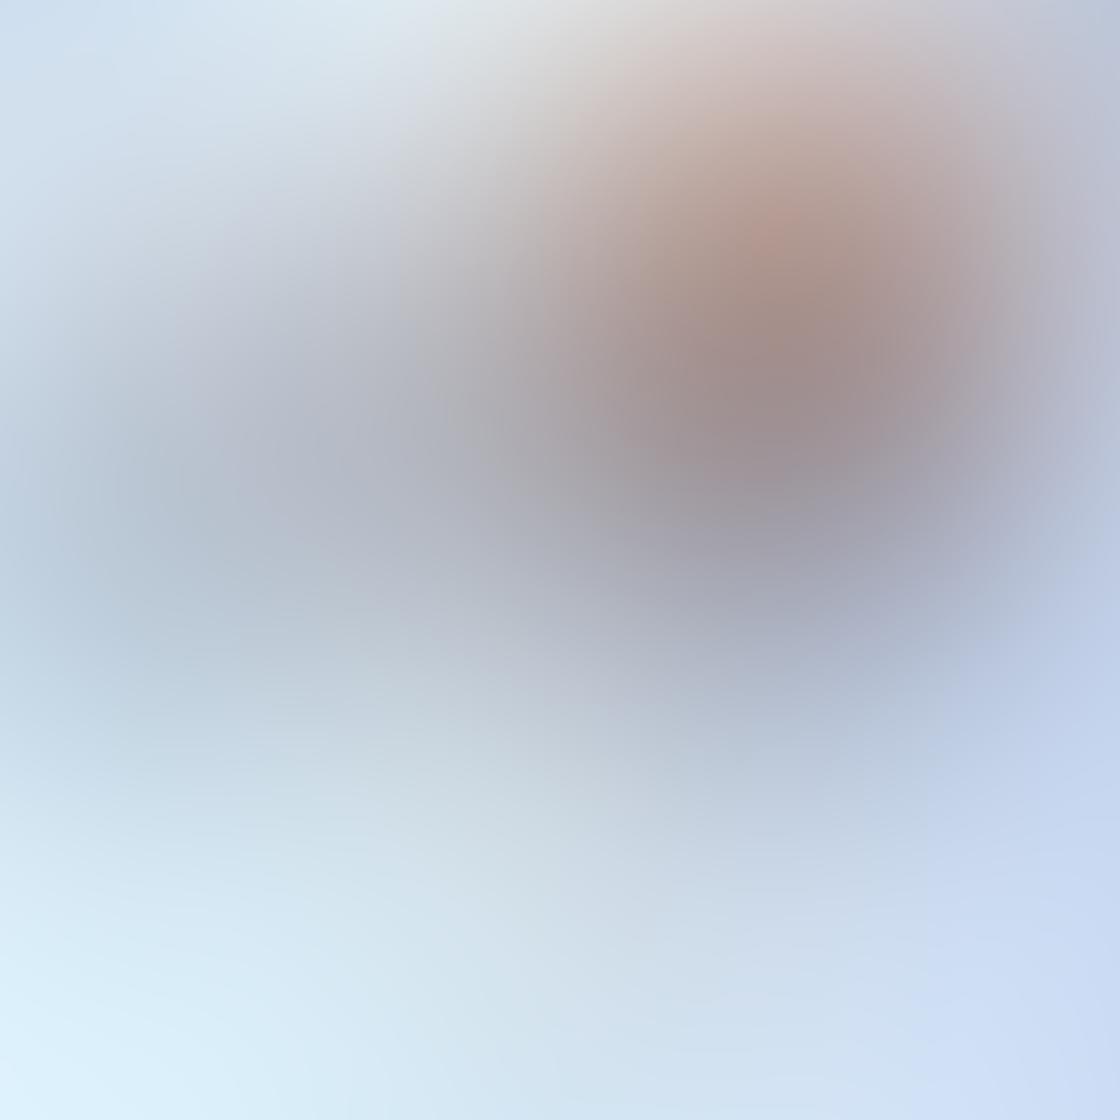 Cinzia Bolognesi iPhone Photos 15